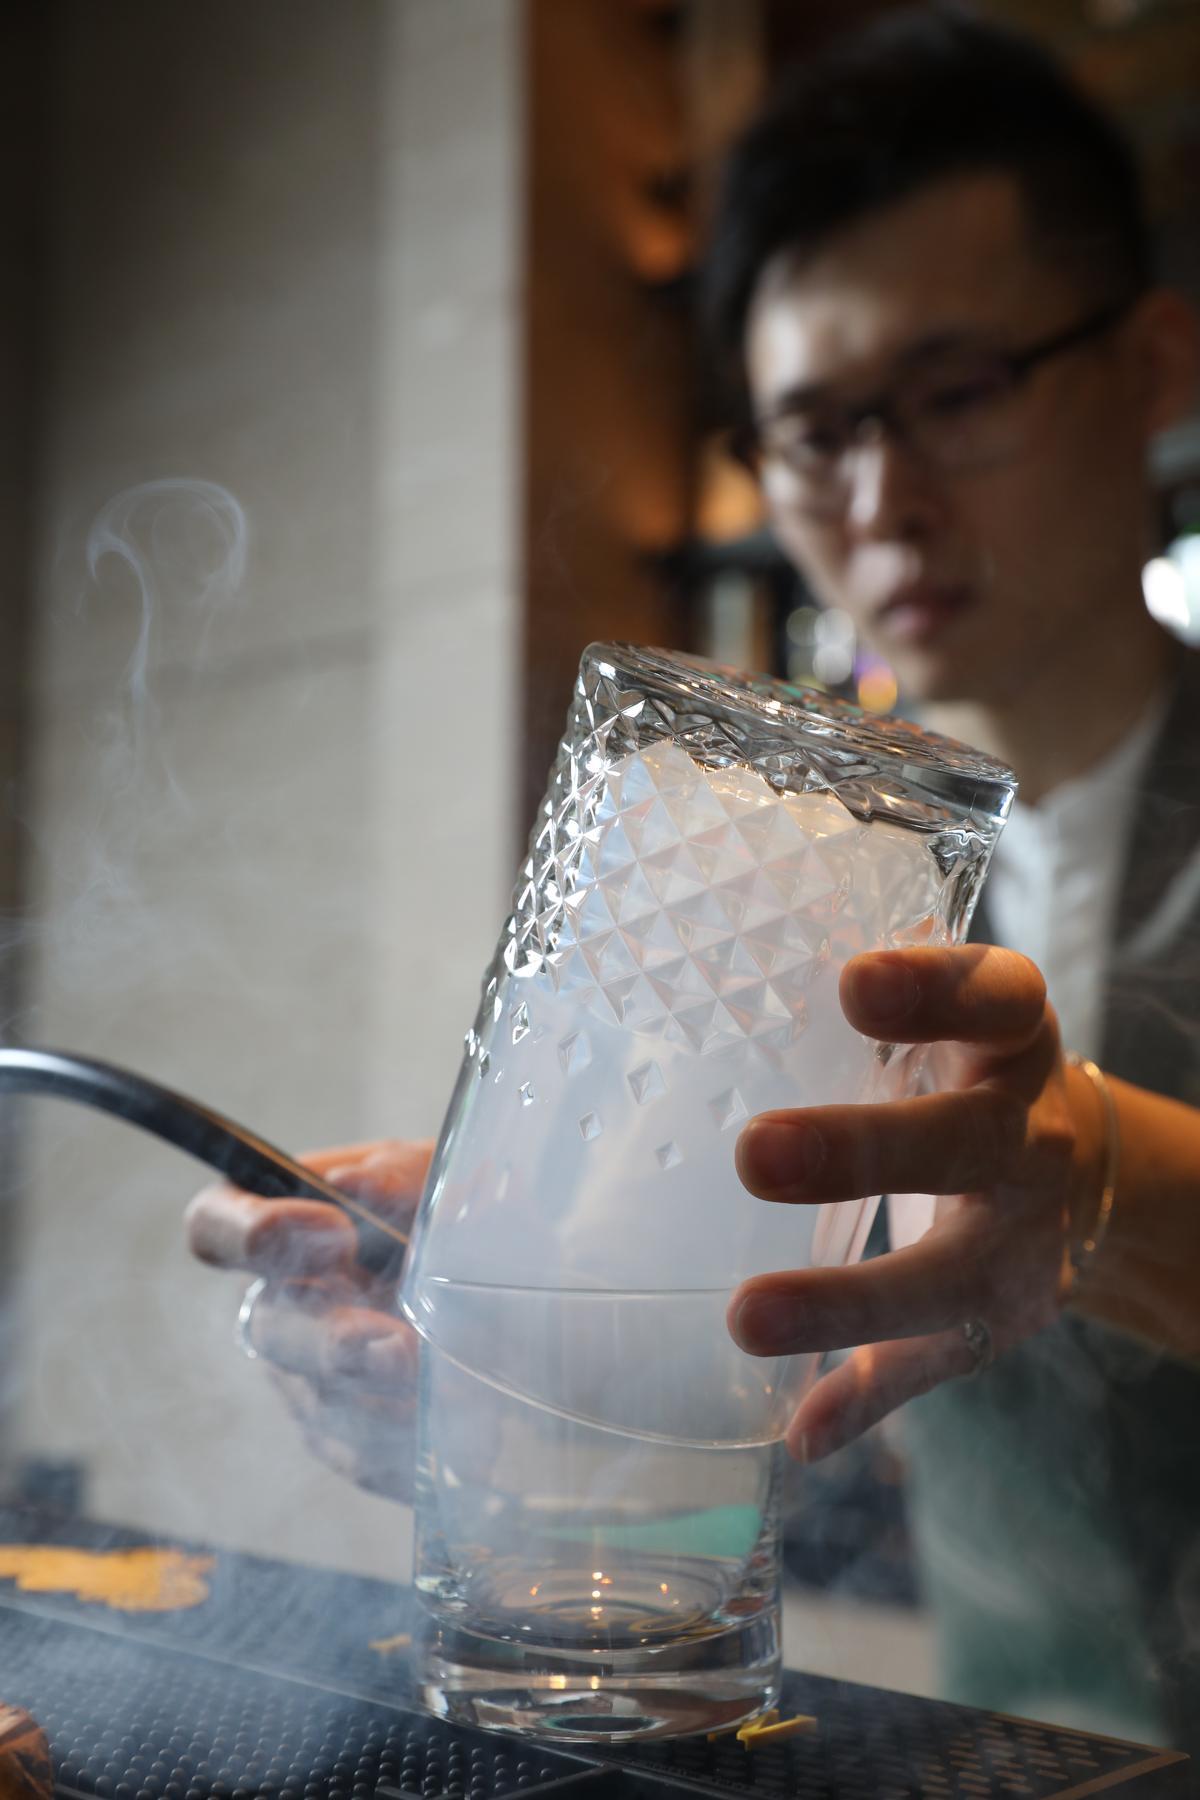 調製Mu Fashioned前,需先於煙燻機裡放入龍眼木、高山烏龍茶粉末燻杯。